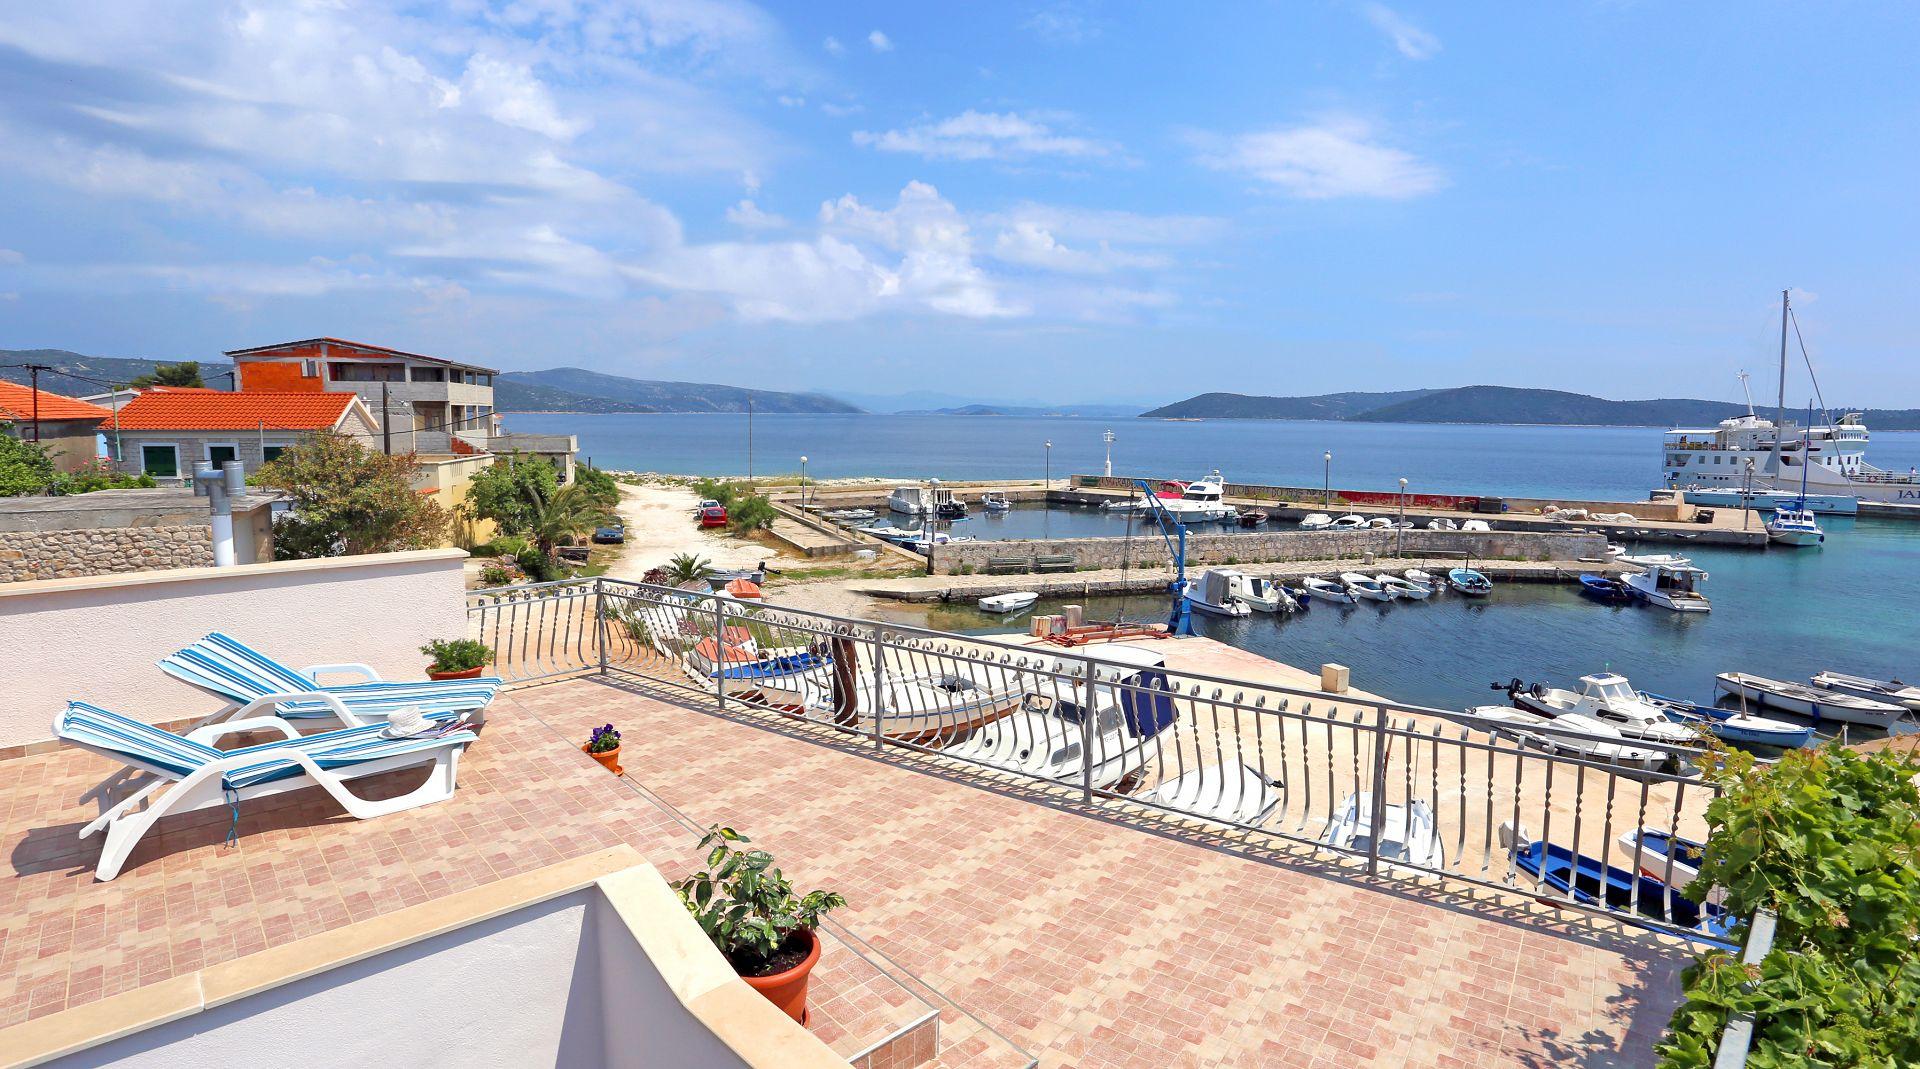 Marija D - Drvenik Mali (Eiland Drvenik Mali) - Appartementen Kroatië